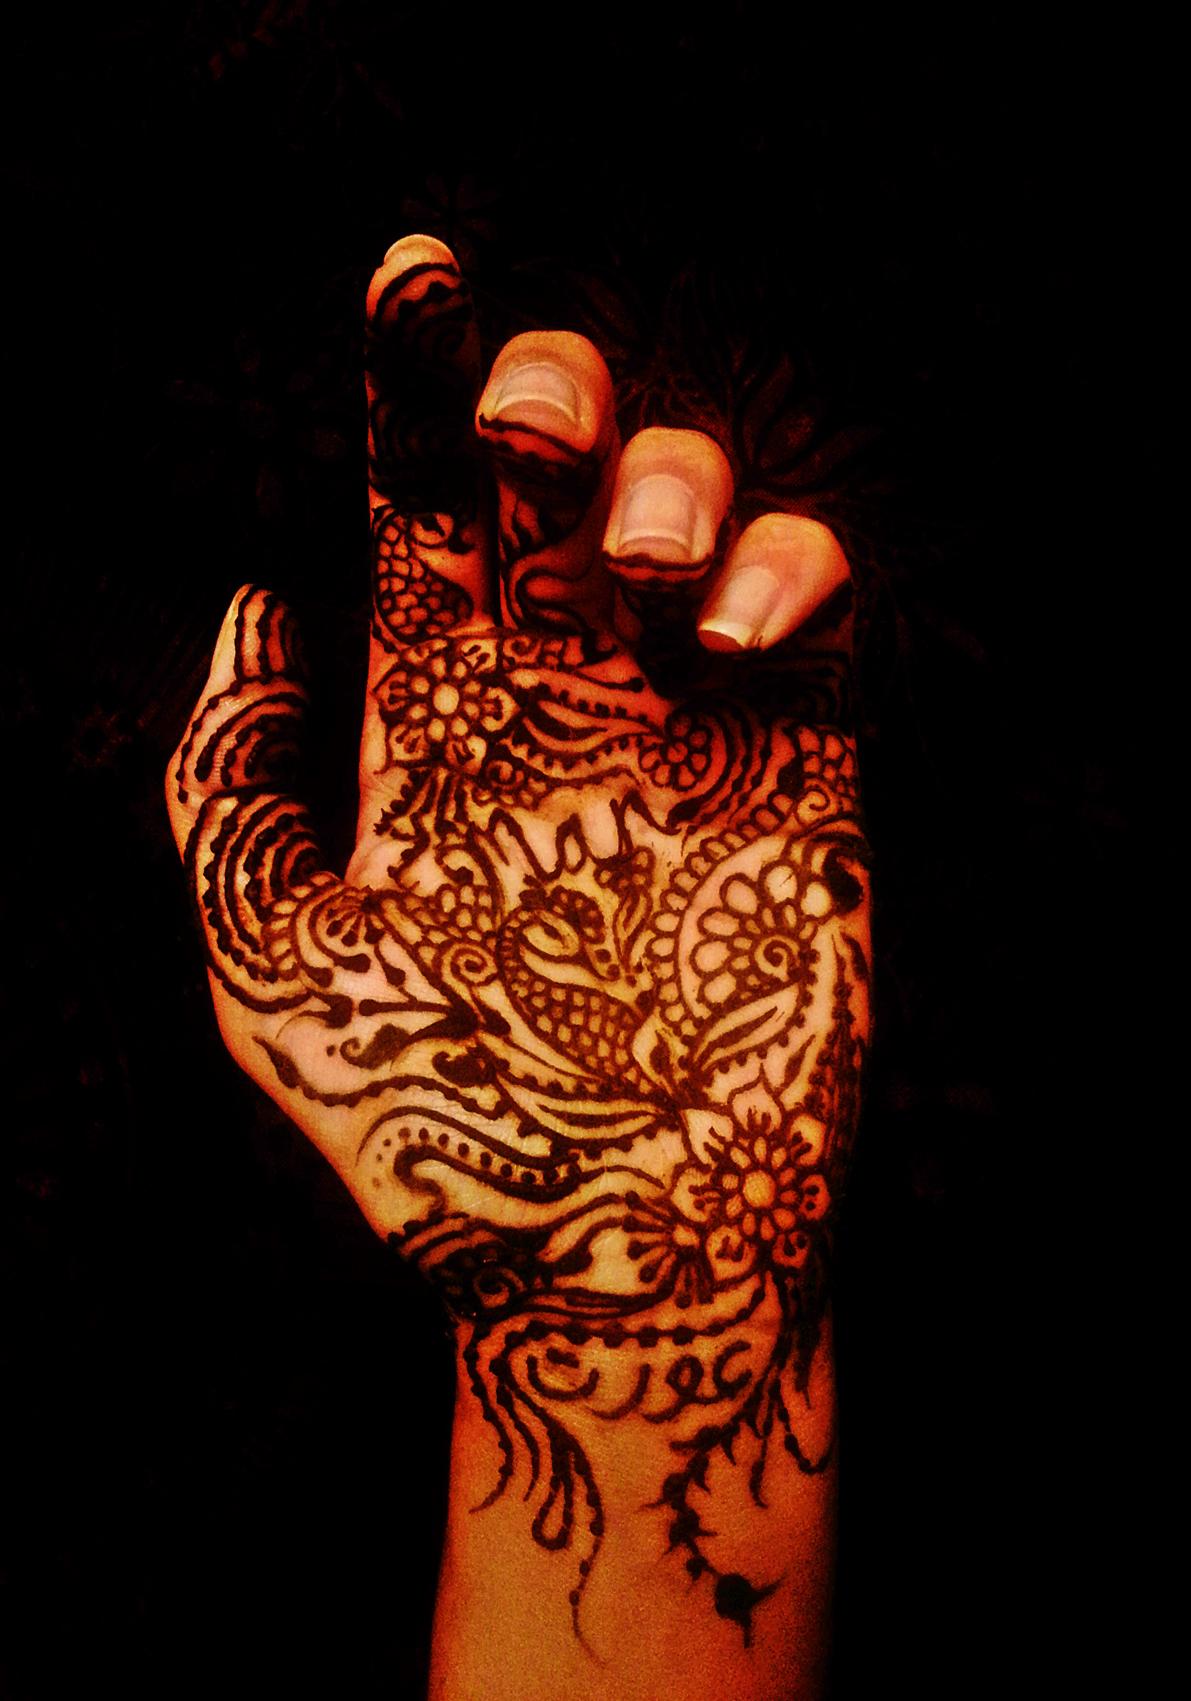 (At the base of my wrist, in Urdu script is 'Oarat' - Woman)